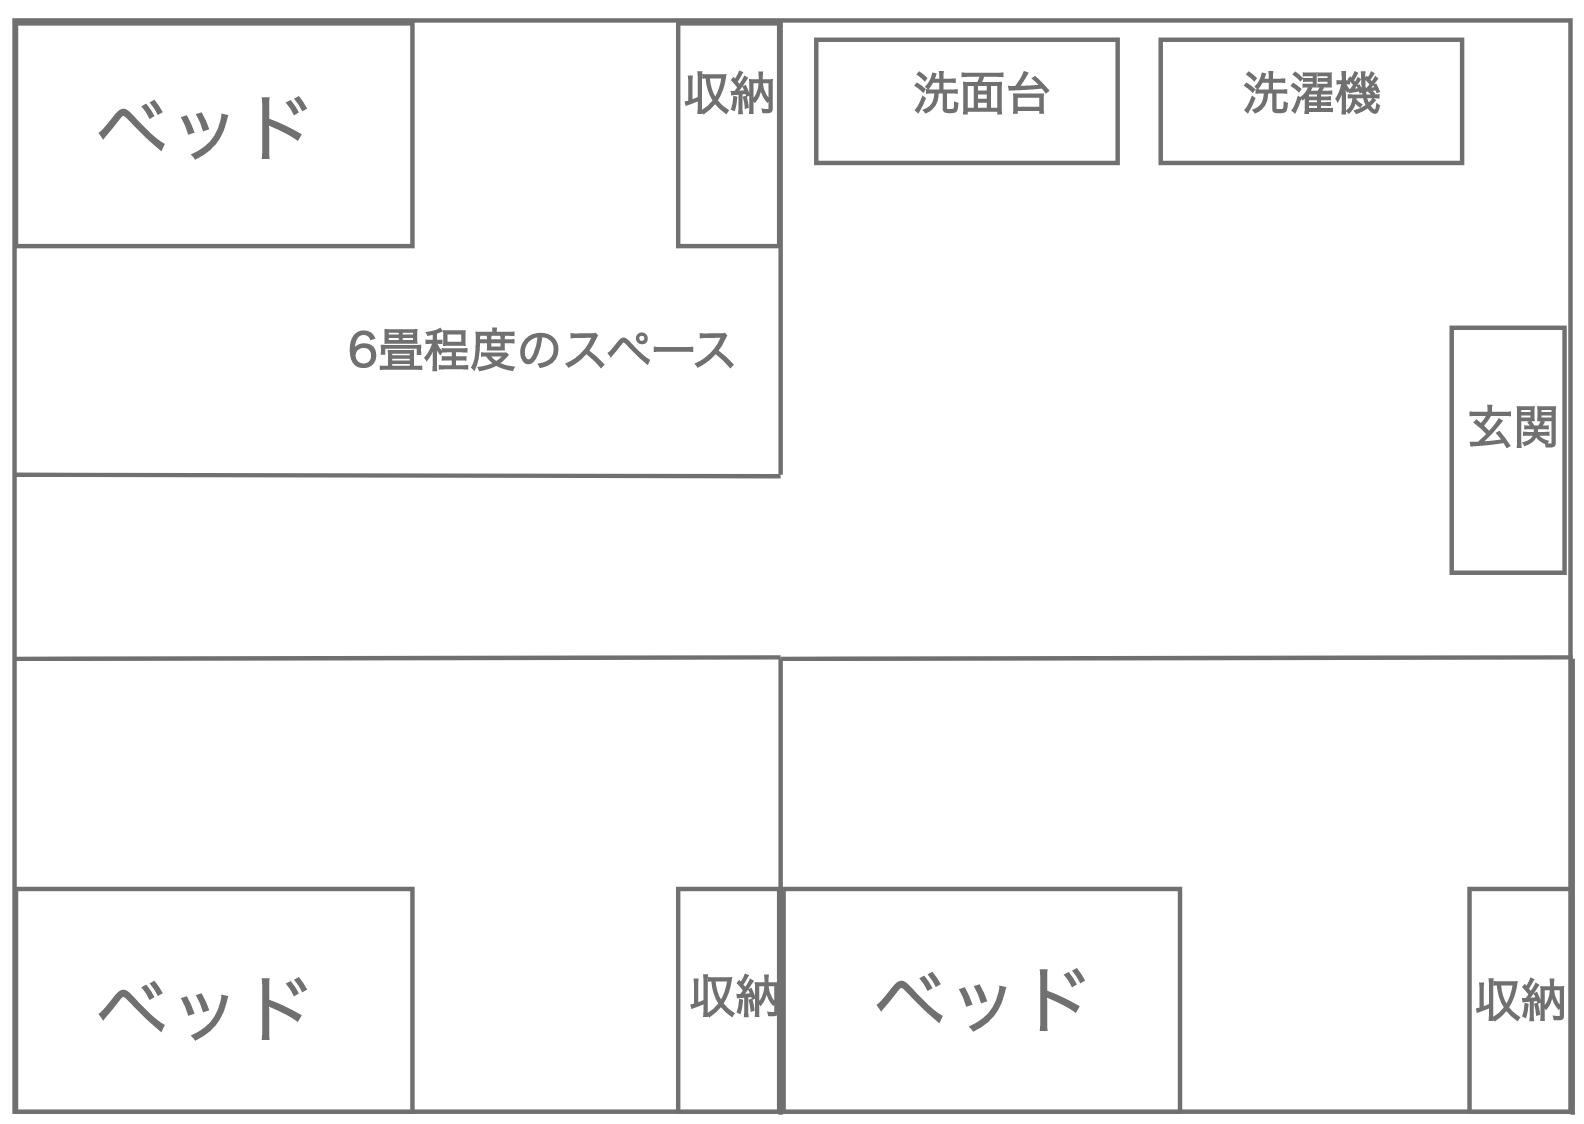 期間工の寮の図